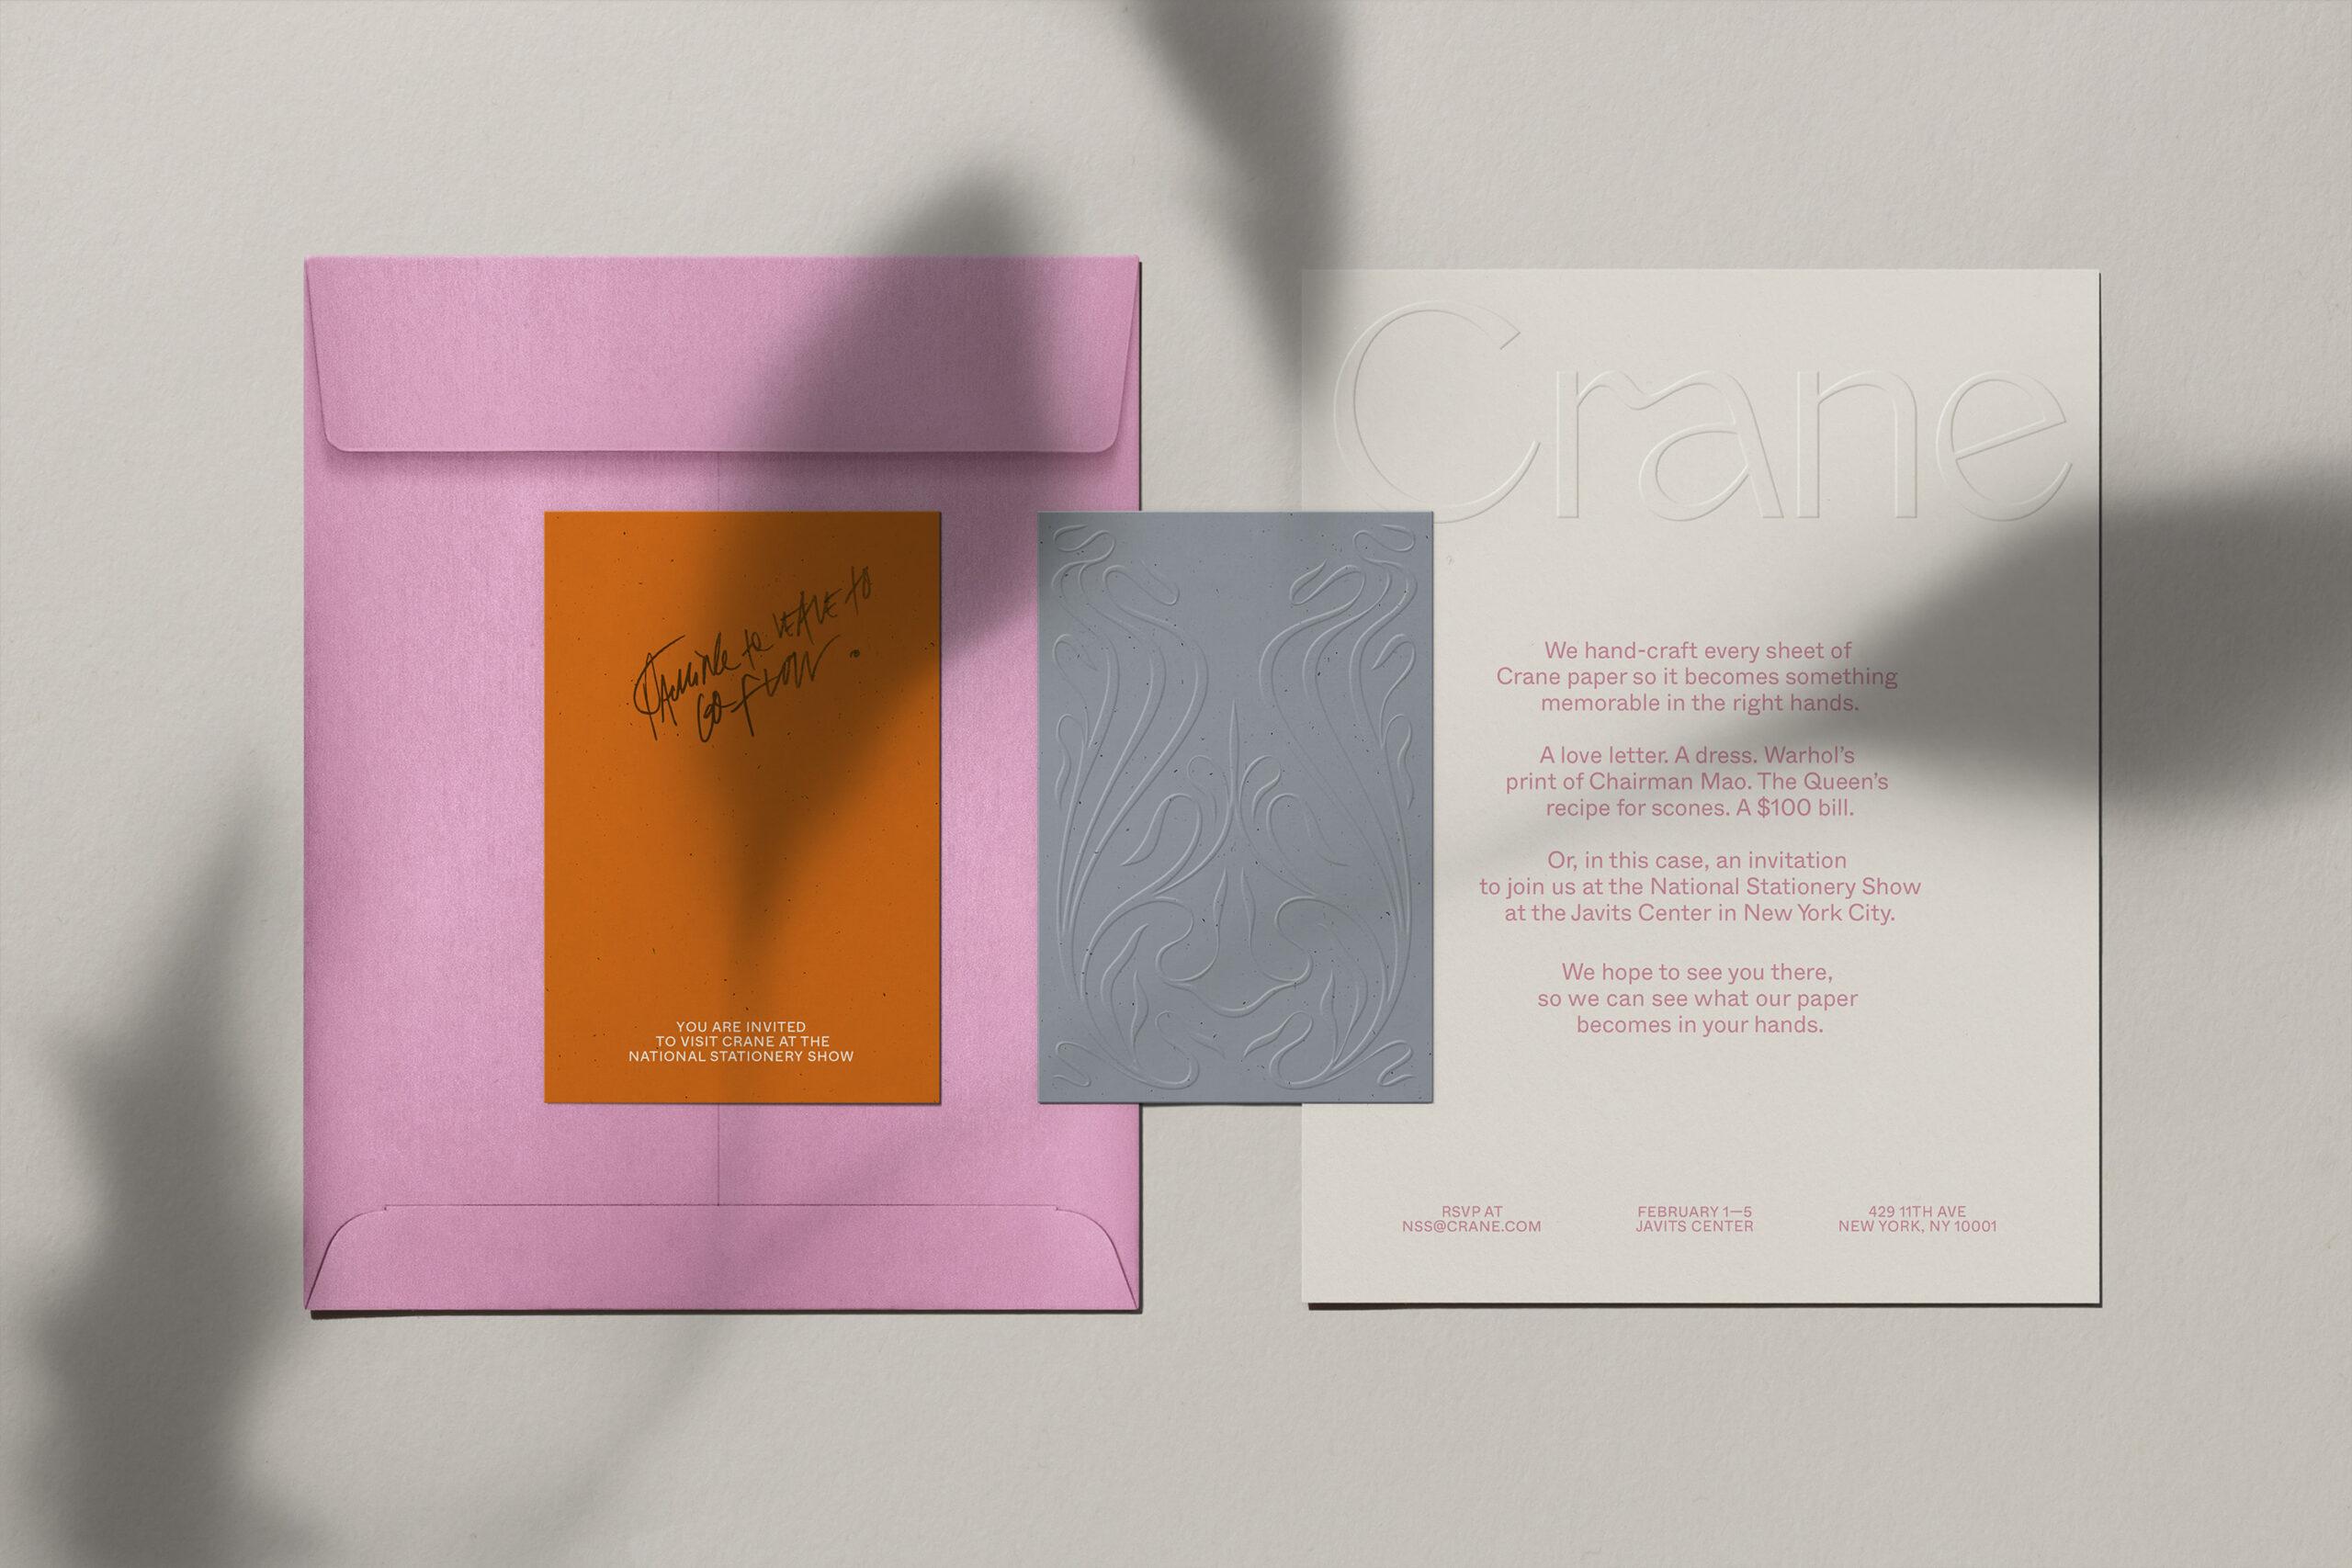 16-Crane-Invite